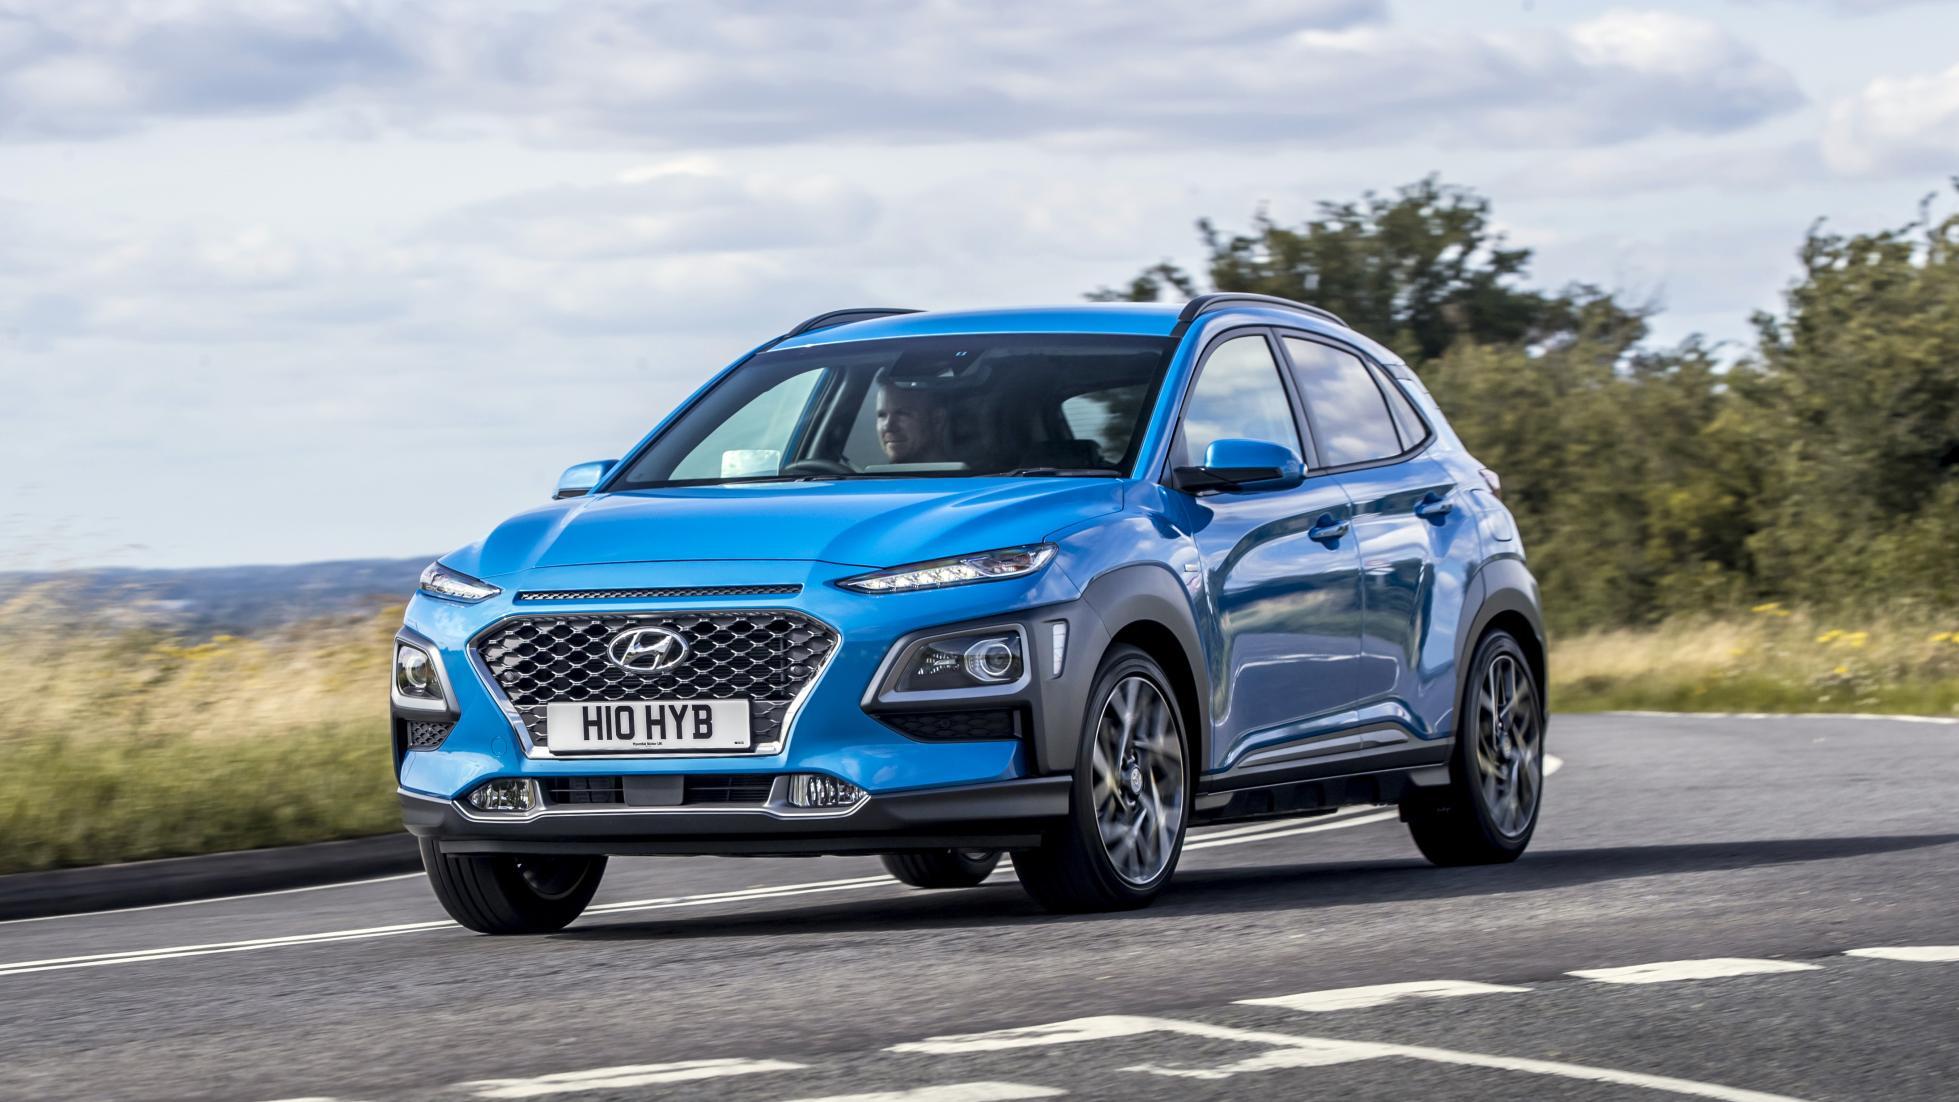 Hyundai Kona sẽ có thêm phiên bản Hybrid tại châu Âu - 6